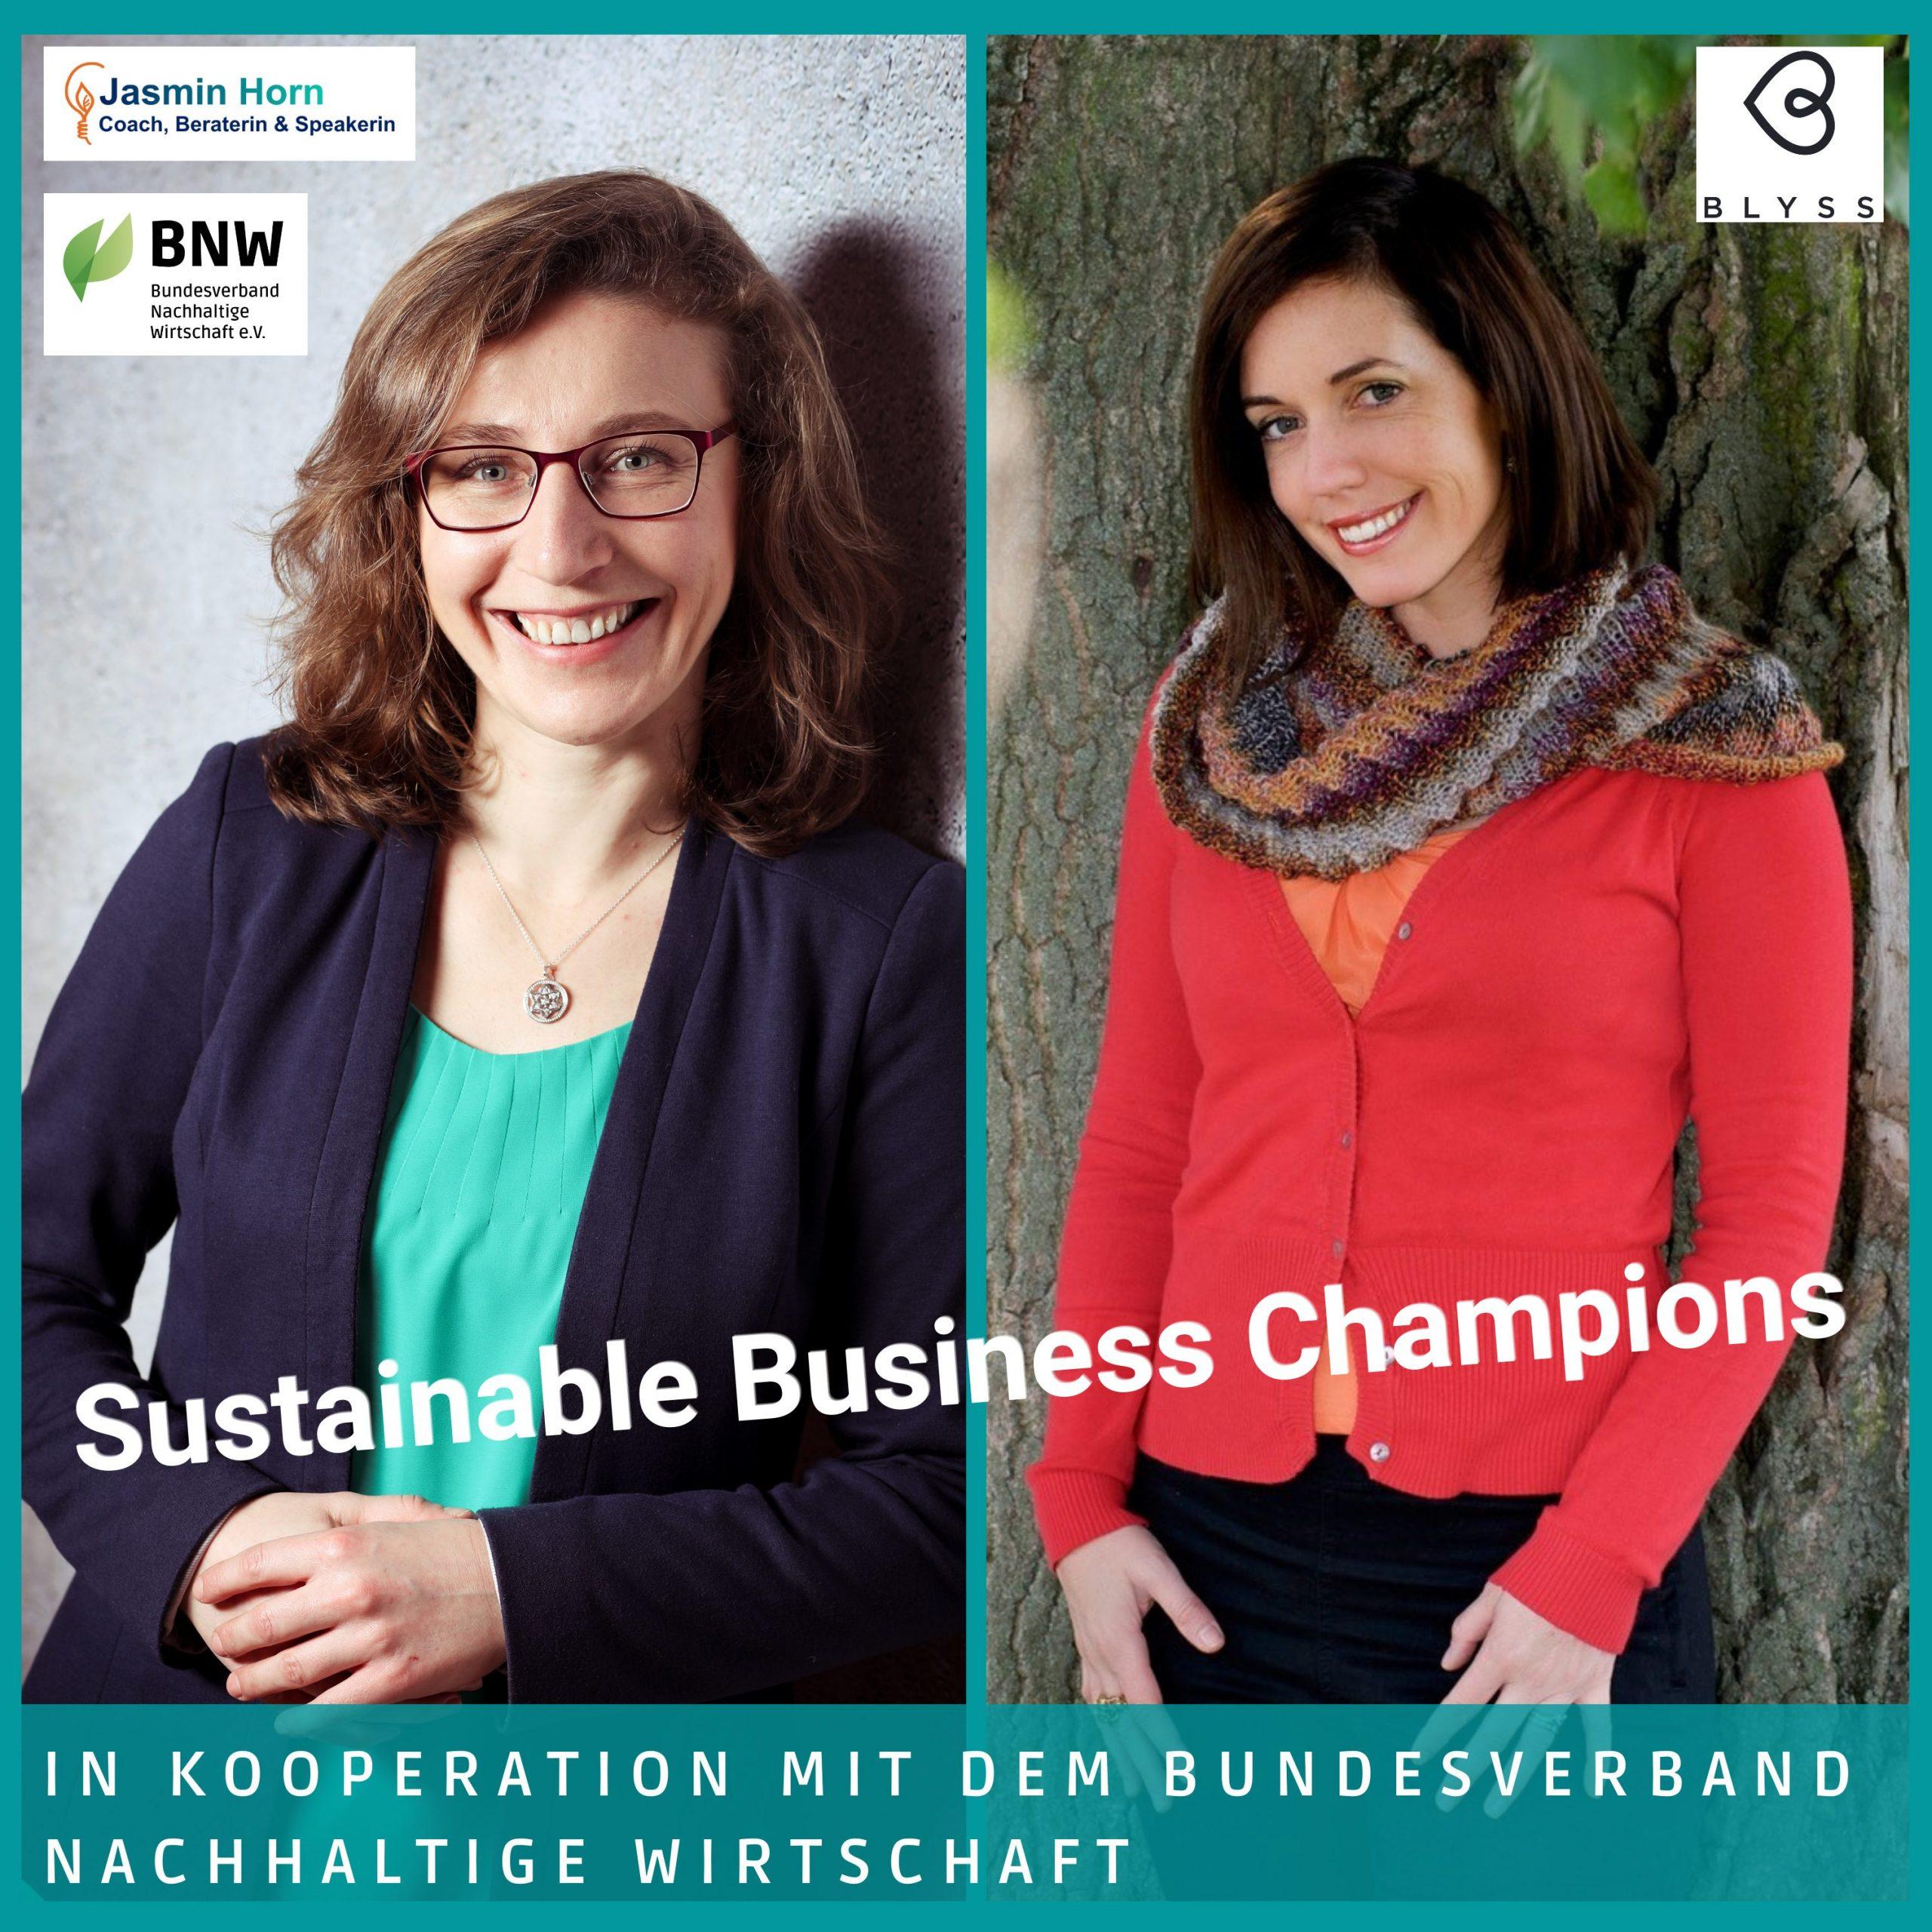 Podcast Sustainable Business Champions_Nachhaltige Schokoladenproduktion mit Alyssa Jade McDonald-Baertl und Jasmin Horn_Facebook